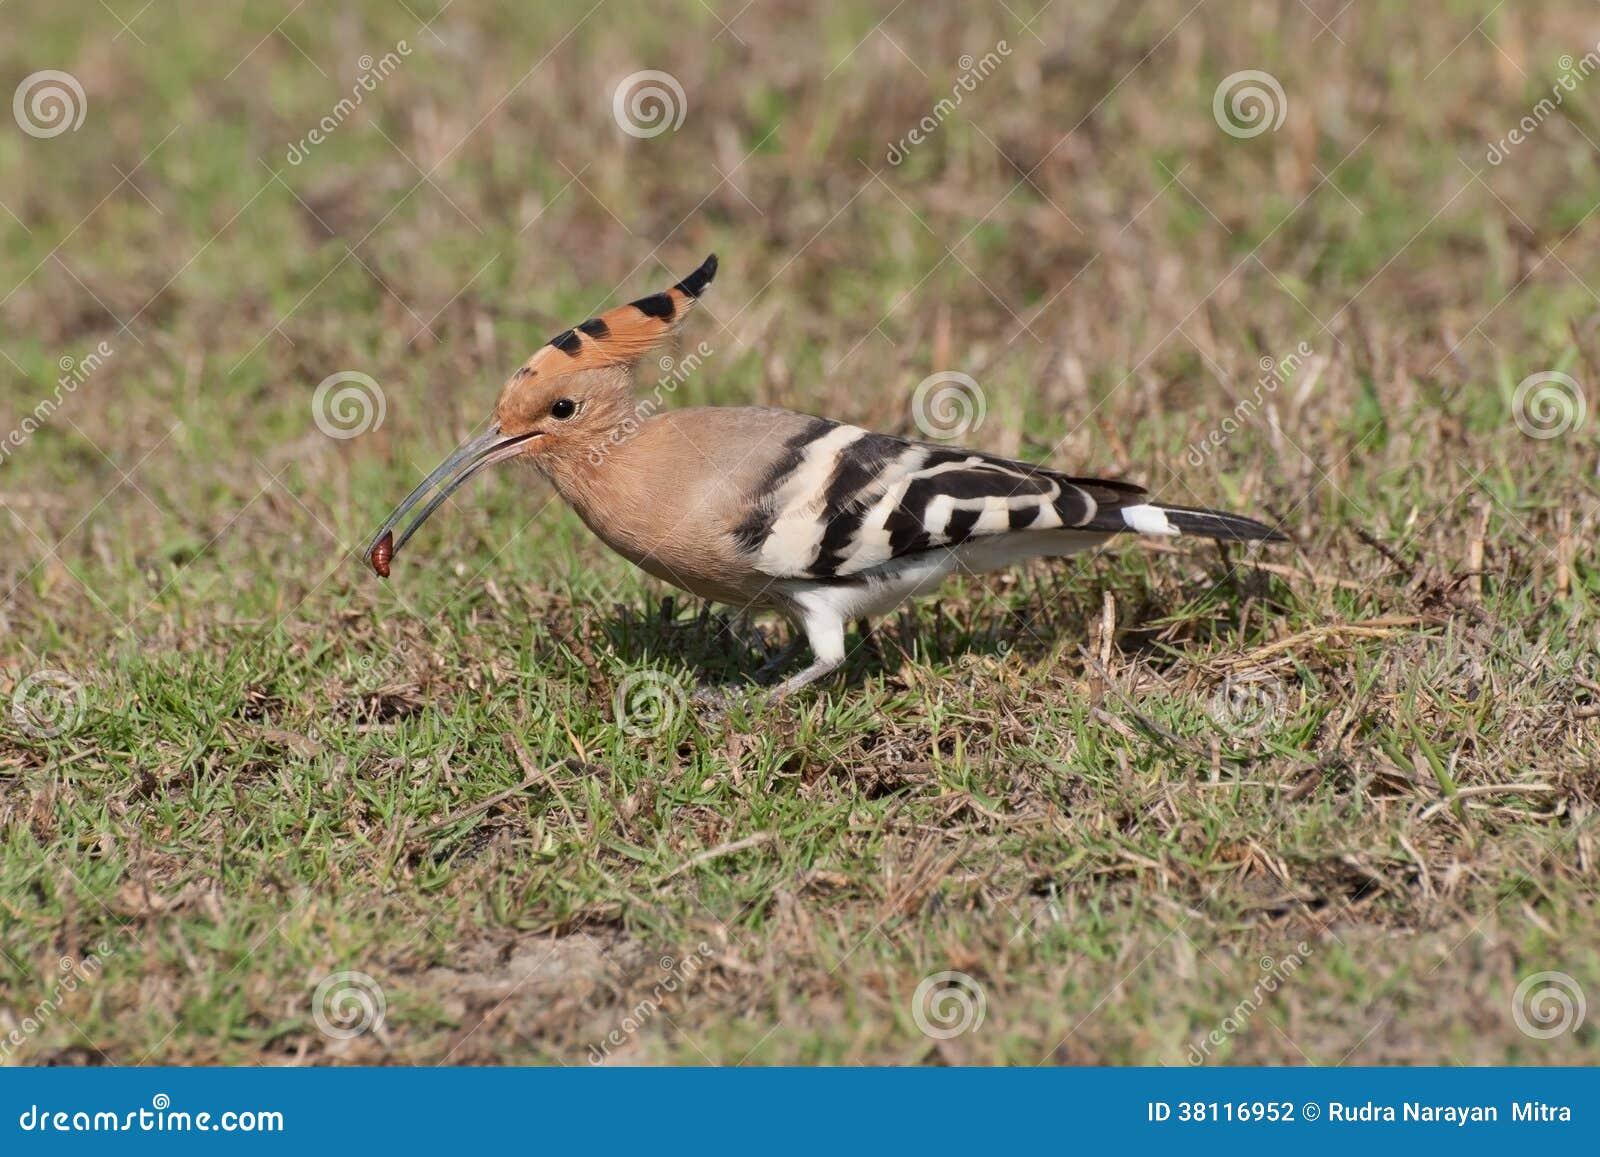 Consommation commune d 39 oiseau de hoepoe epops d 39 upupa for Oiseau commun